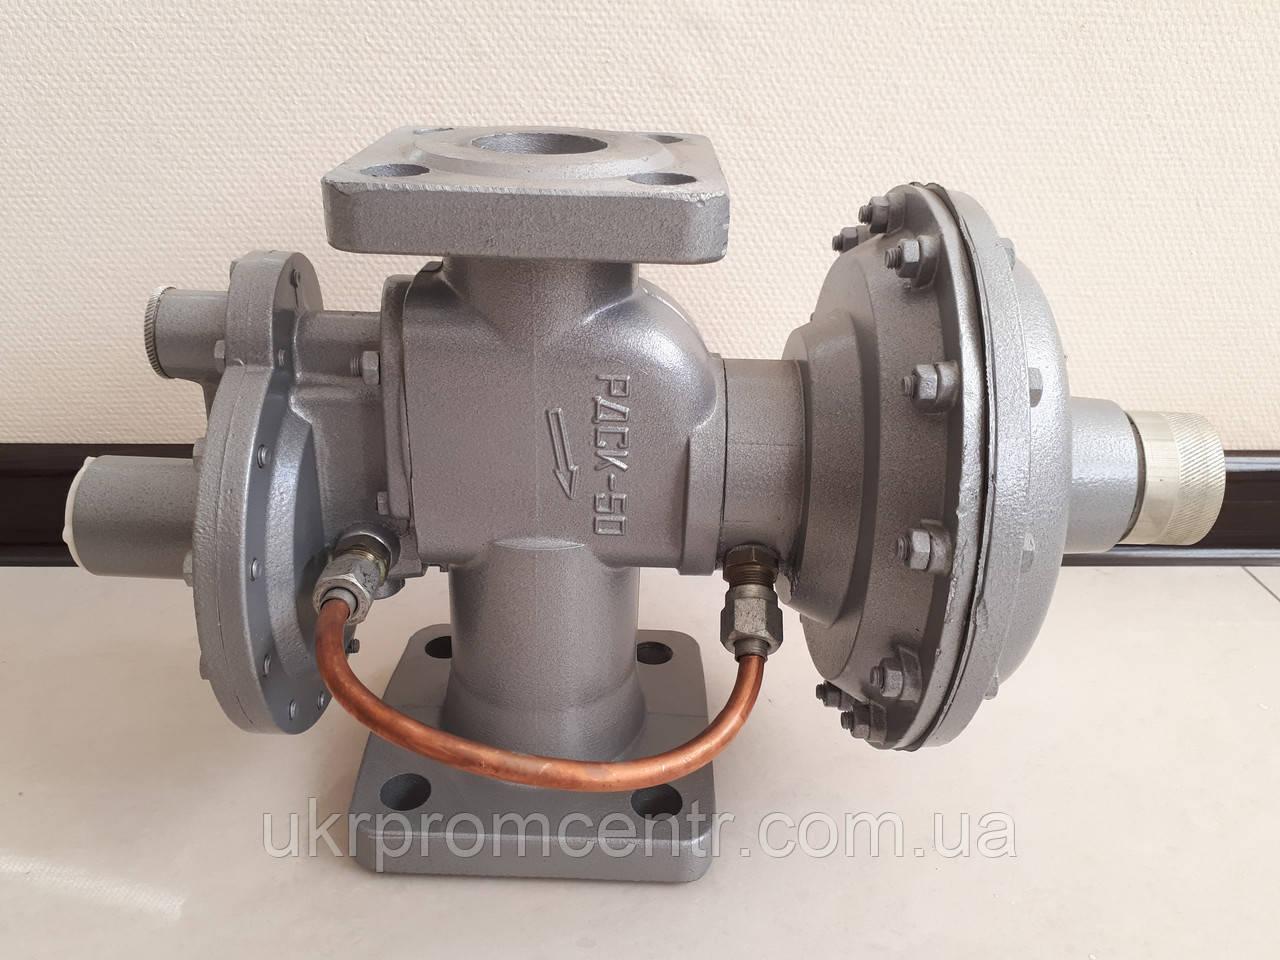 Регулятор тиску газу РДСК-50М-1; РДСК-50М-3; РДСК-50БМ